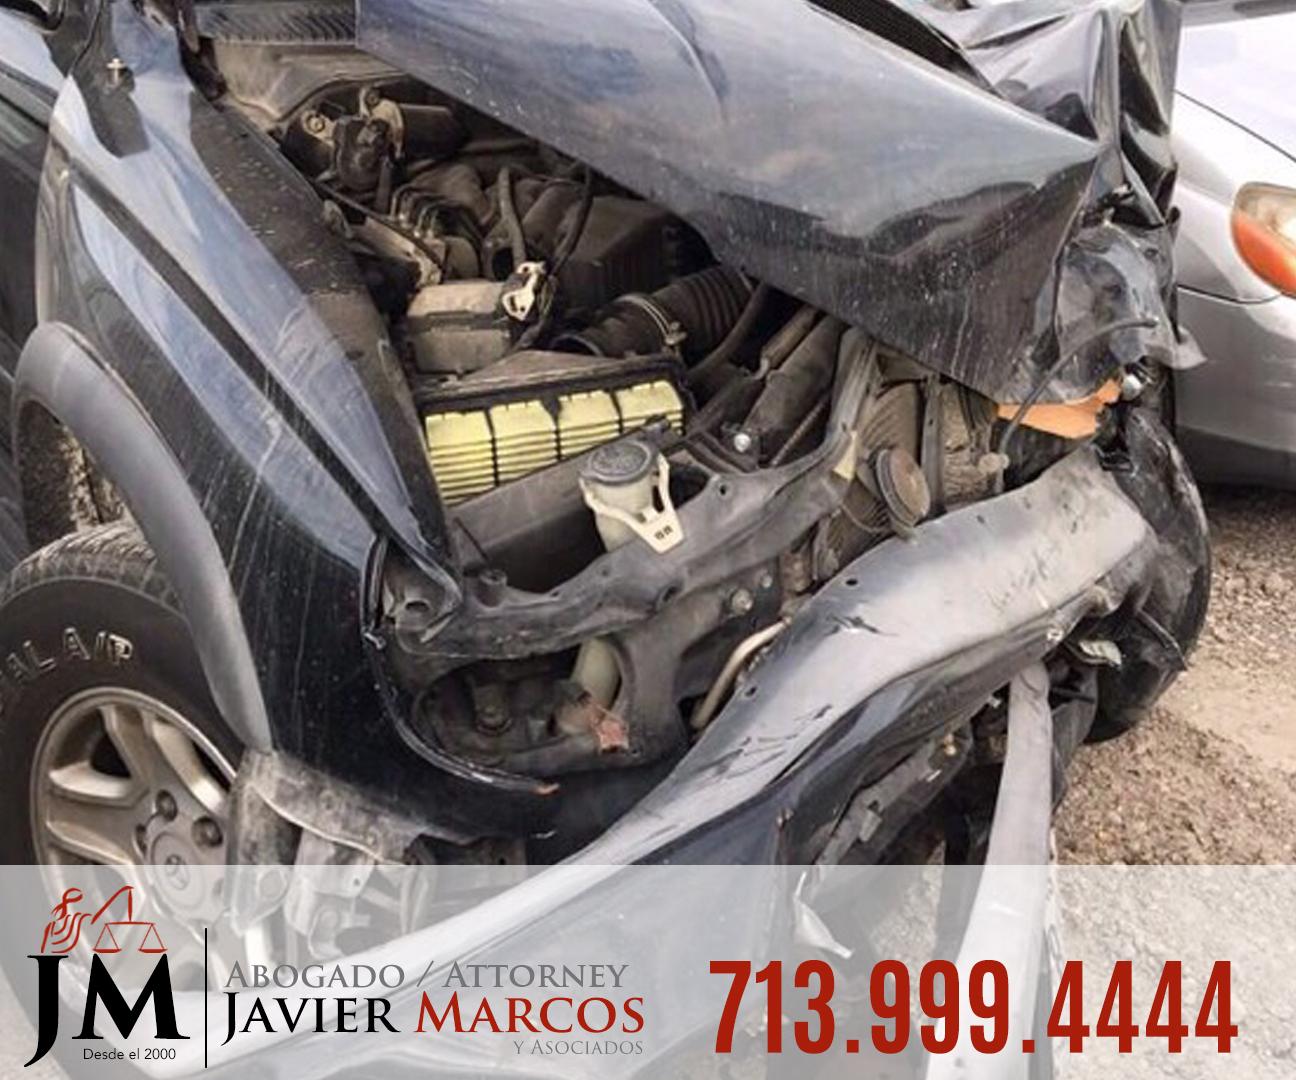 Reclamo por accidente de auto | Abogado Javier Marcos | 713.999.4444